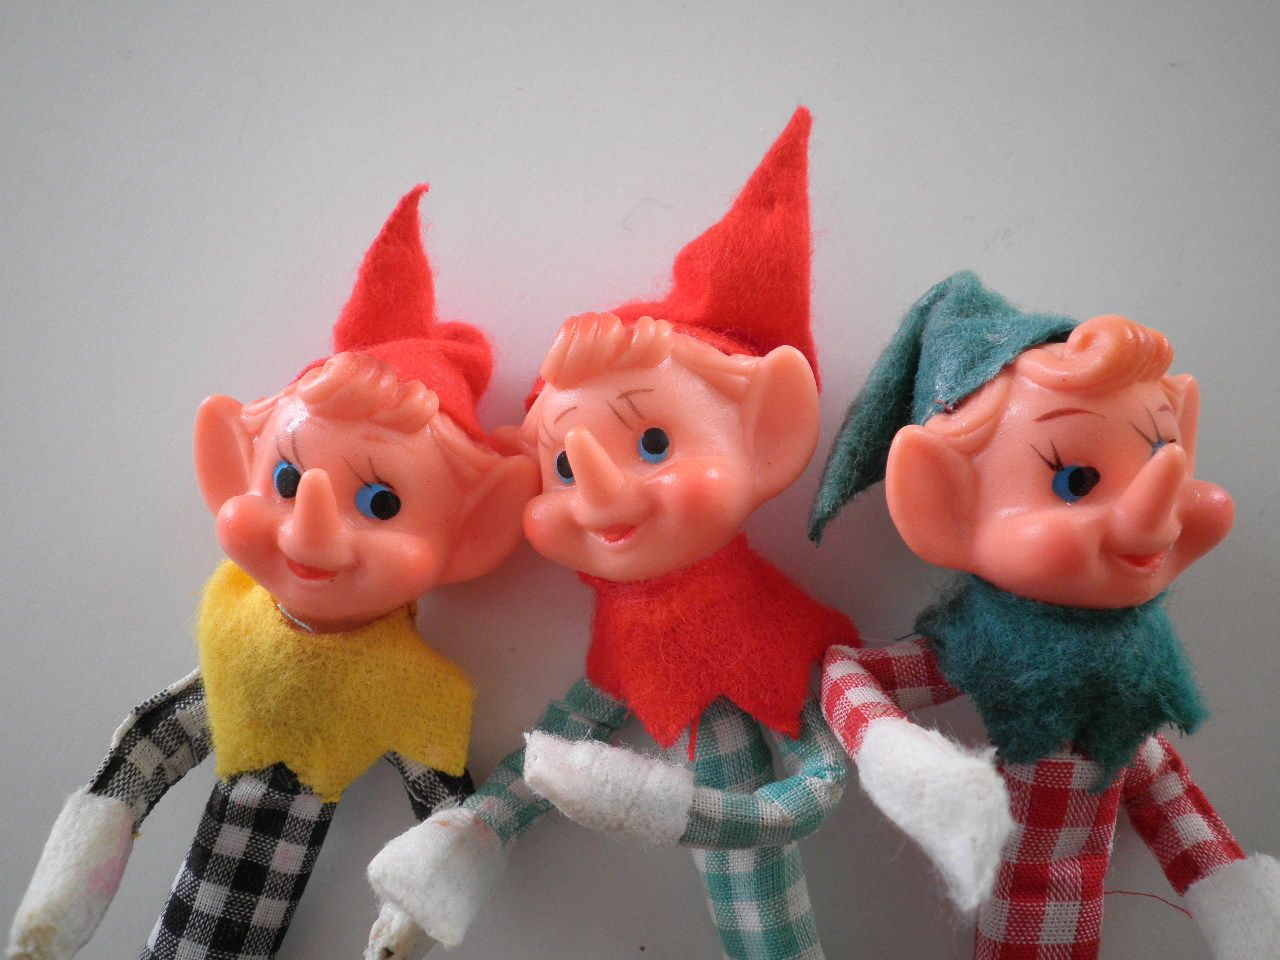 Elves snap crackle pop elf fun funny xmas vintage